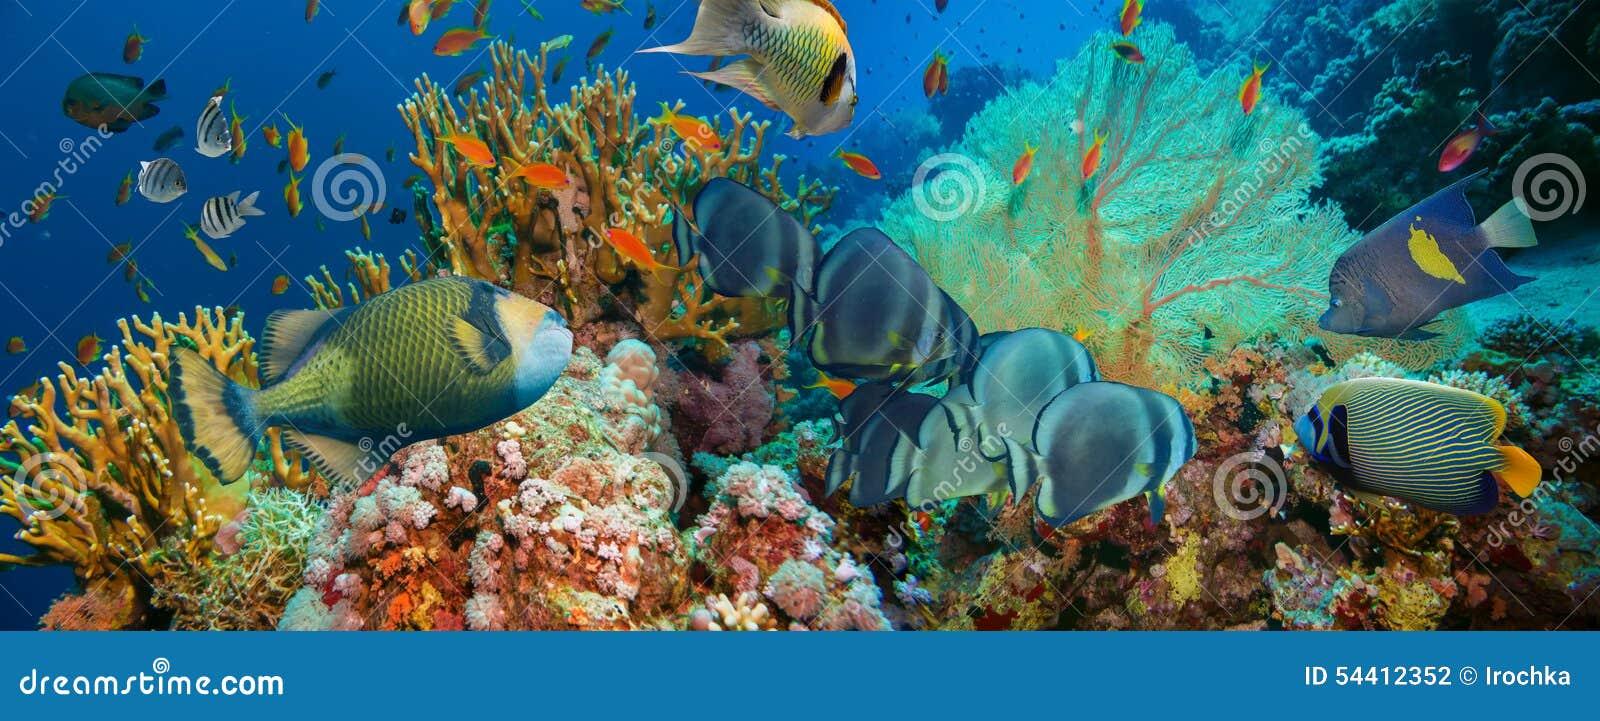 Tropische Anthias-vissen met netto brandkoralen